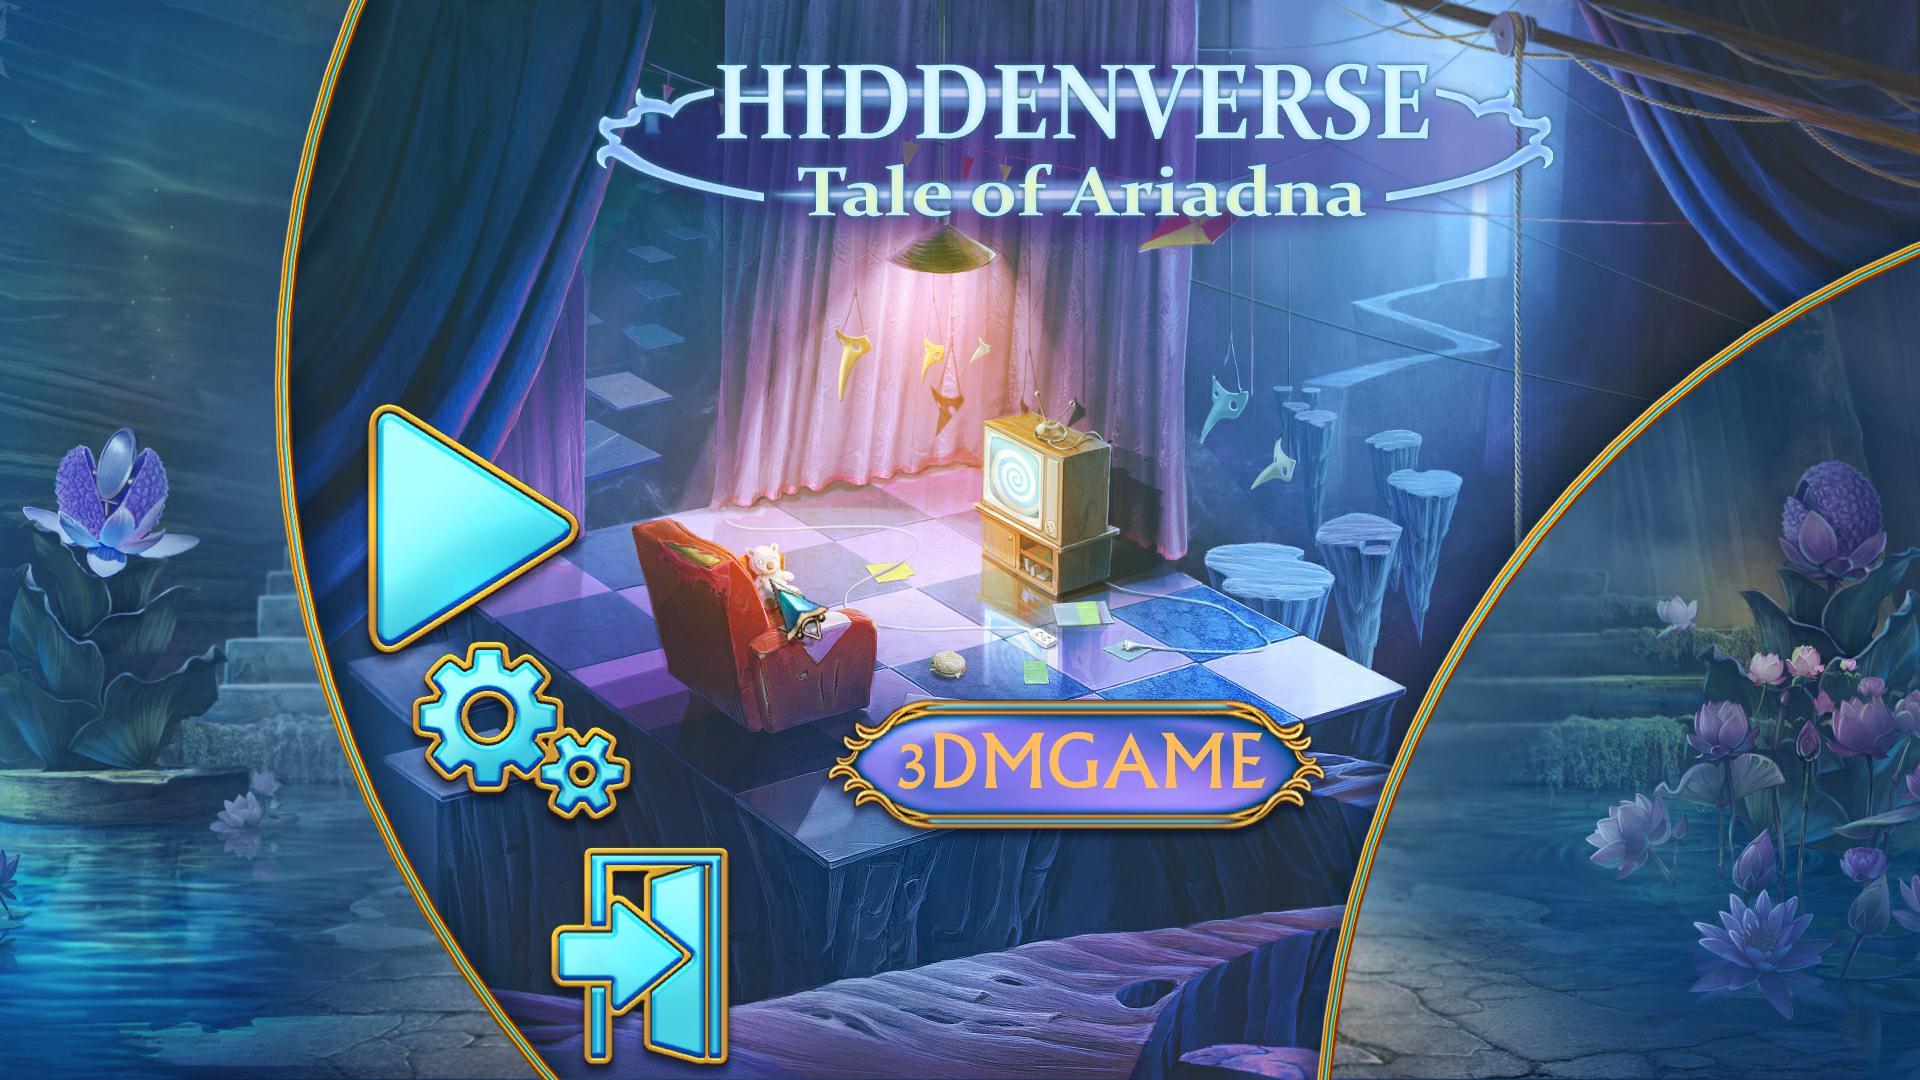 隐藏故事:艾力达娜传说 游戏截图